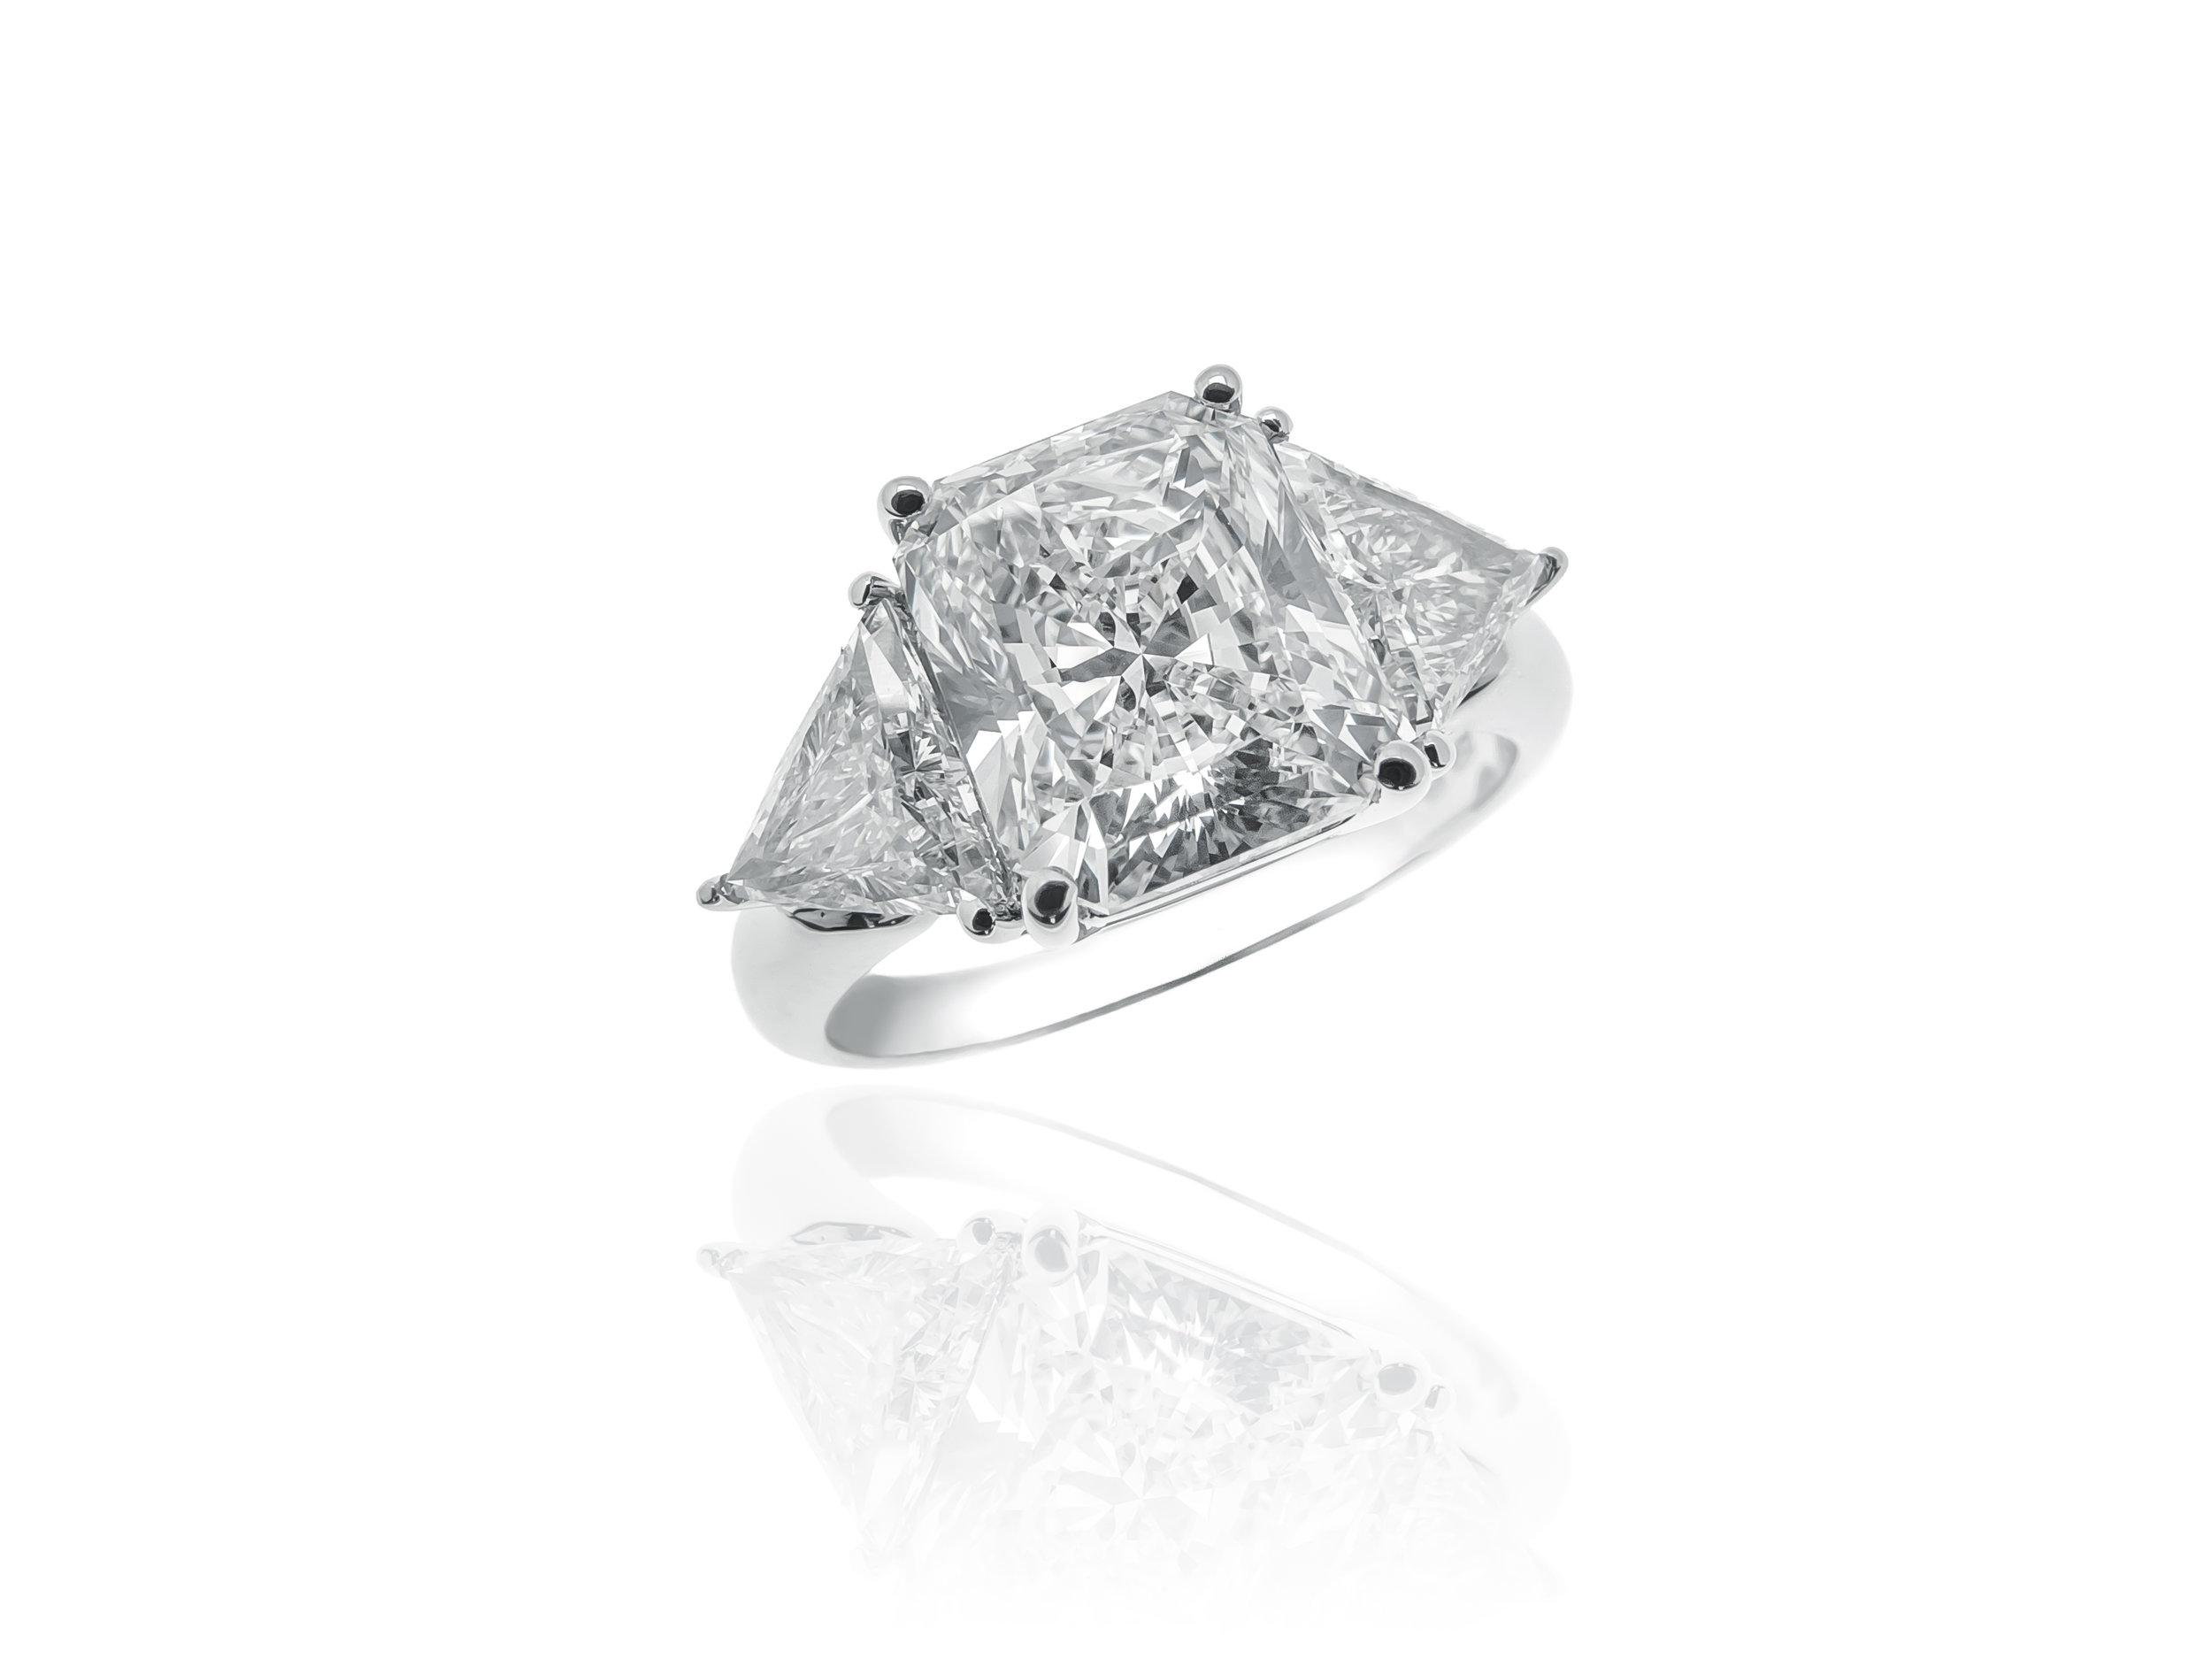 Cushion Cut and Trillium Diamond Ring